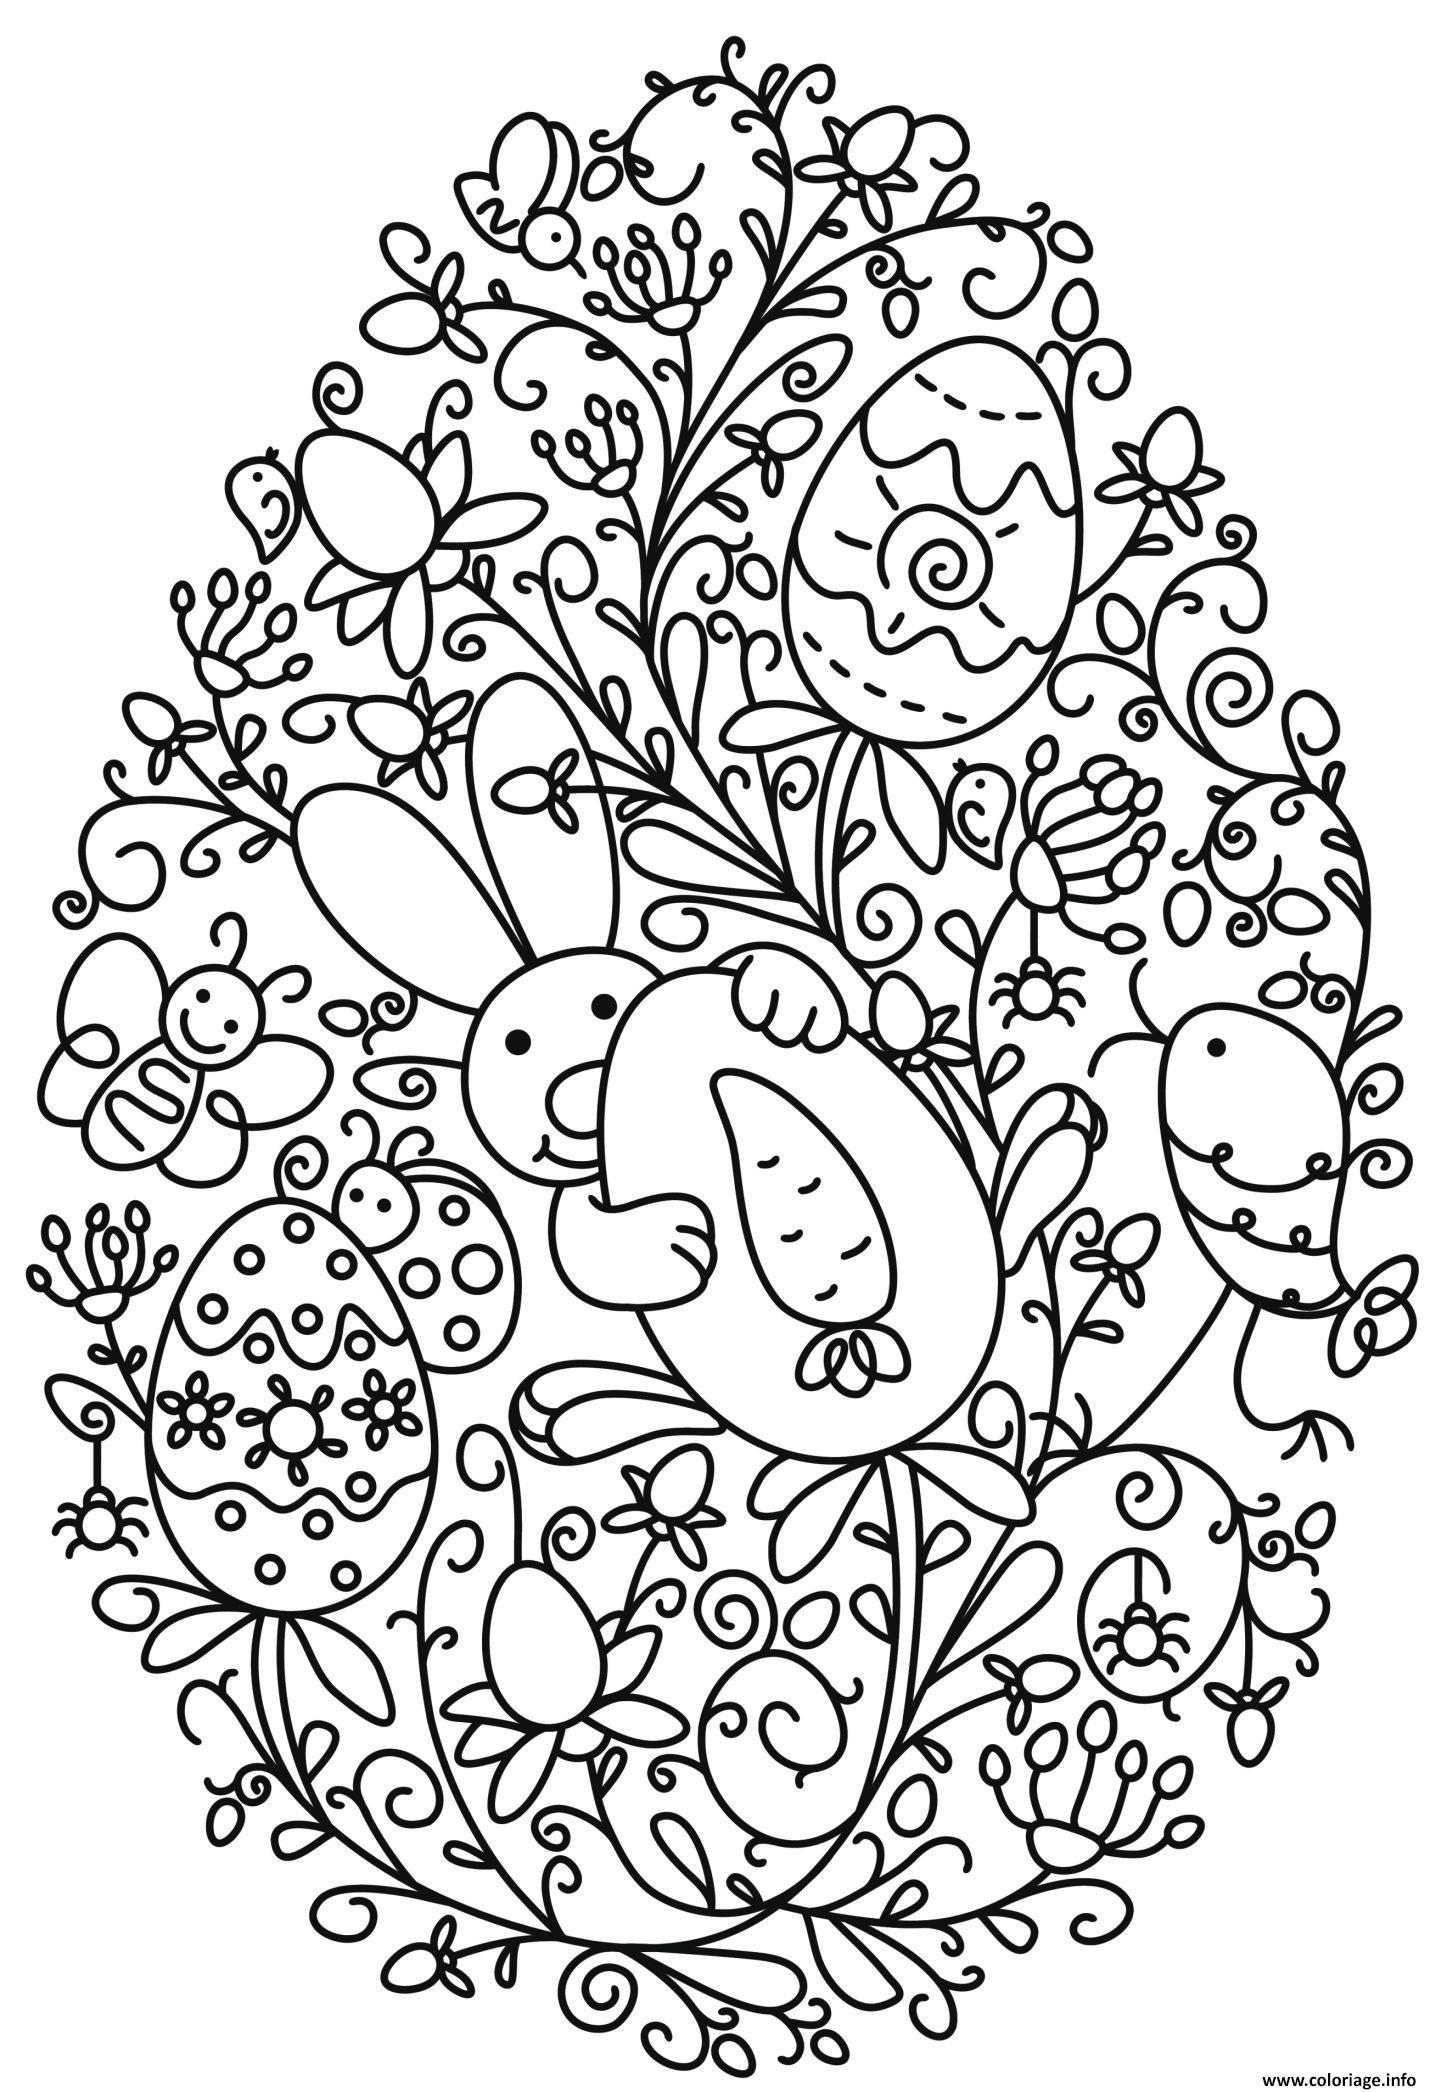 Coloriage Adulte Paques.Coloriage Lapin Et Oeuf De Paques Fleurs Adulte Jecolorie Com